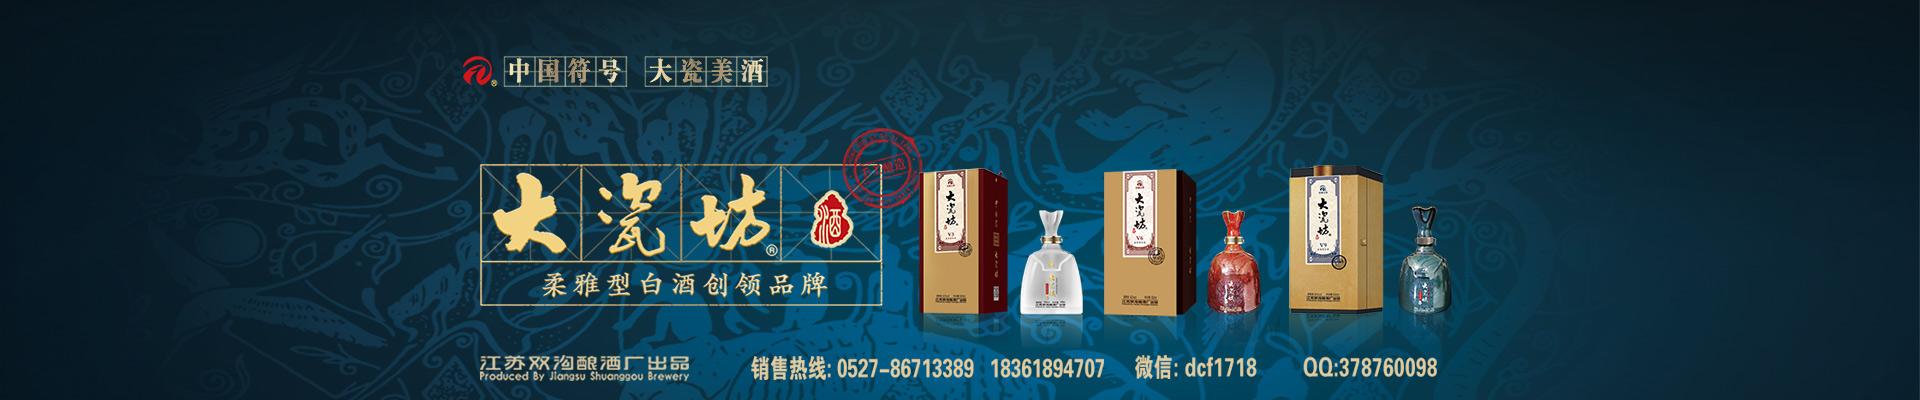 江苏双沟酿酒厂品牌招商